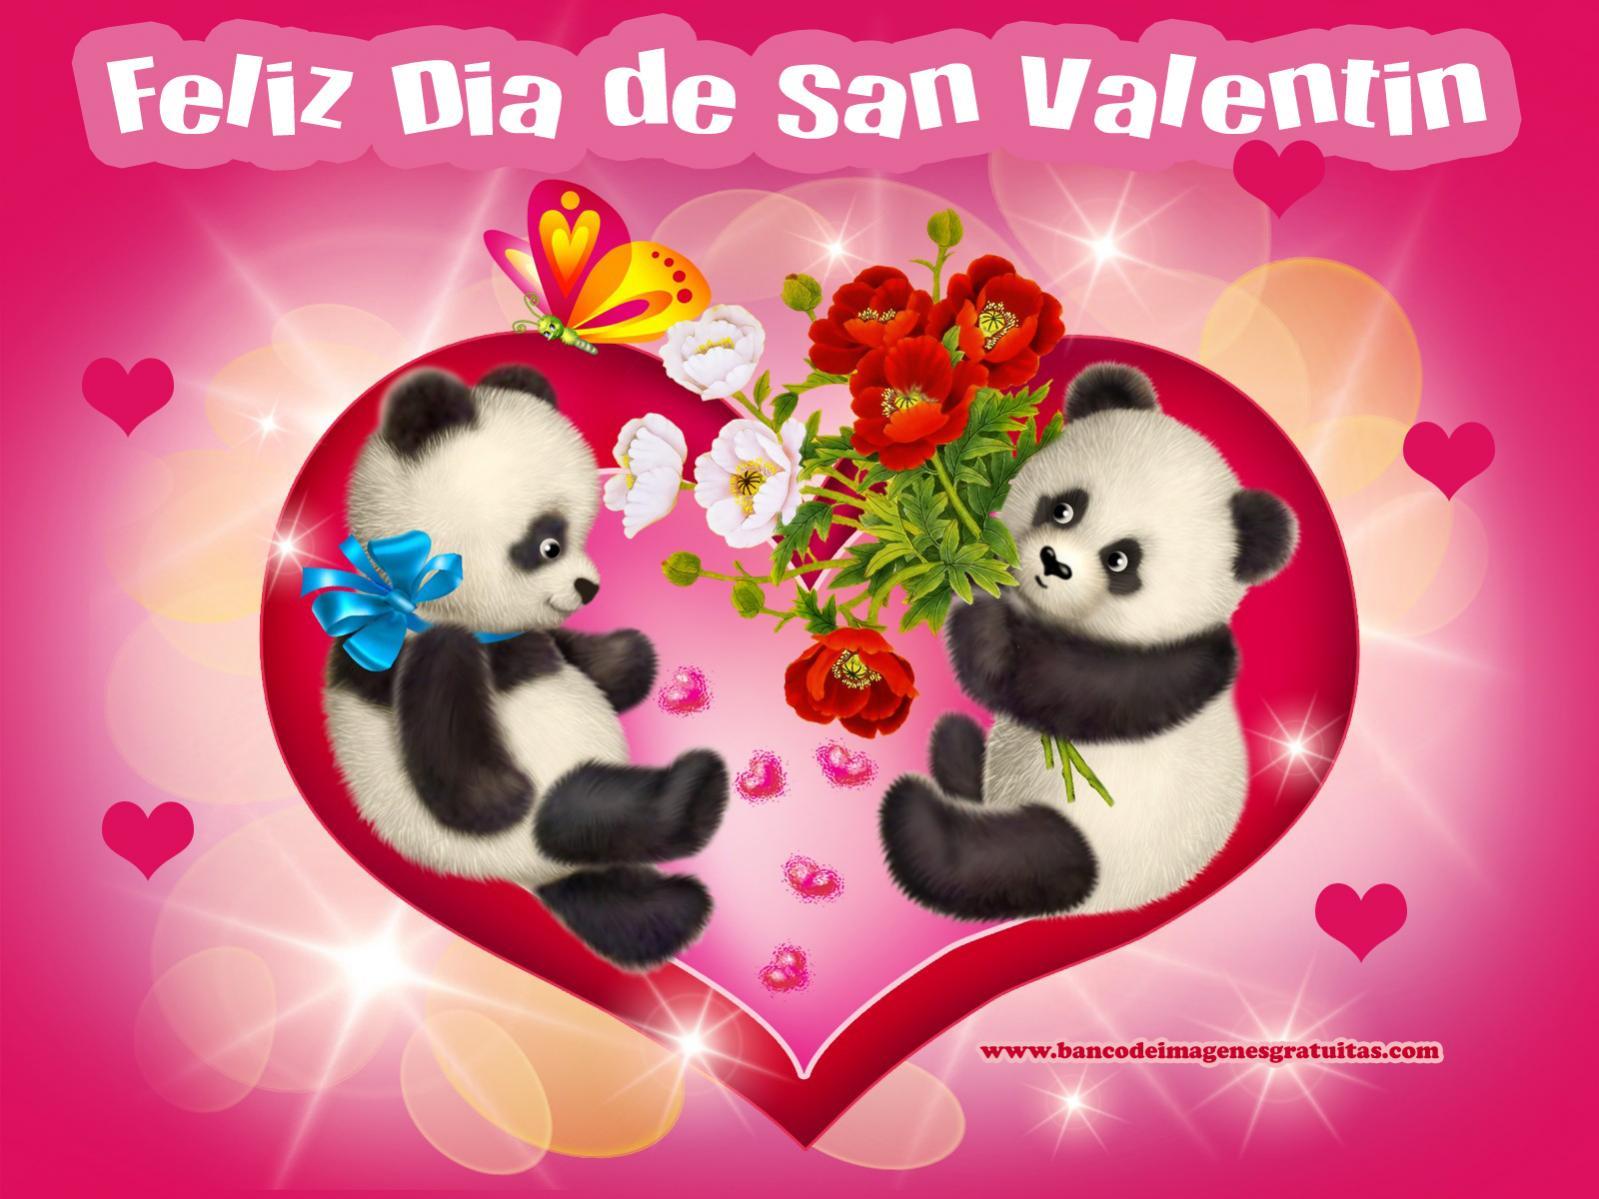 imagenes-de-amor-las-mejores-san-valentin-amor